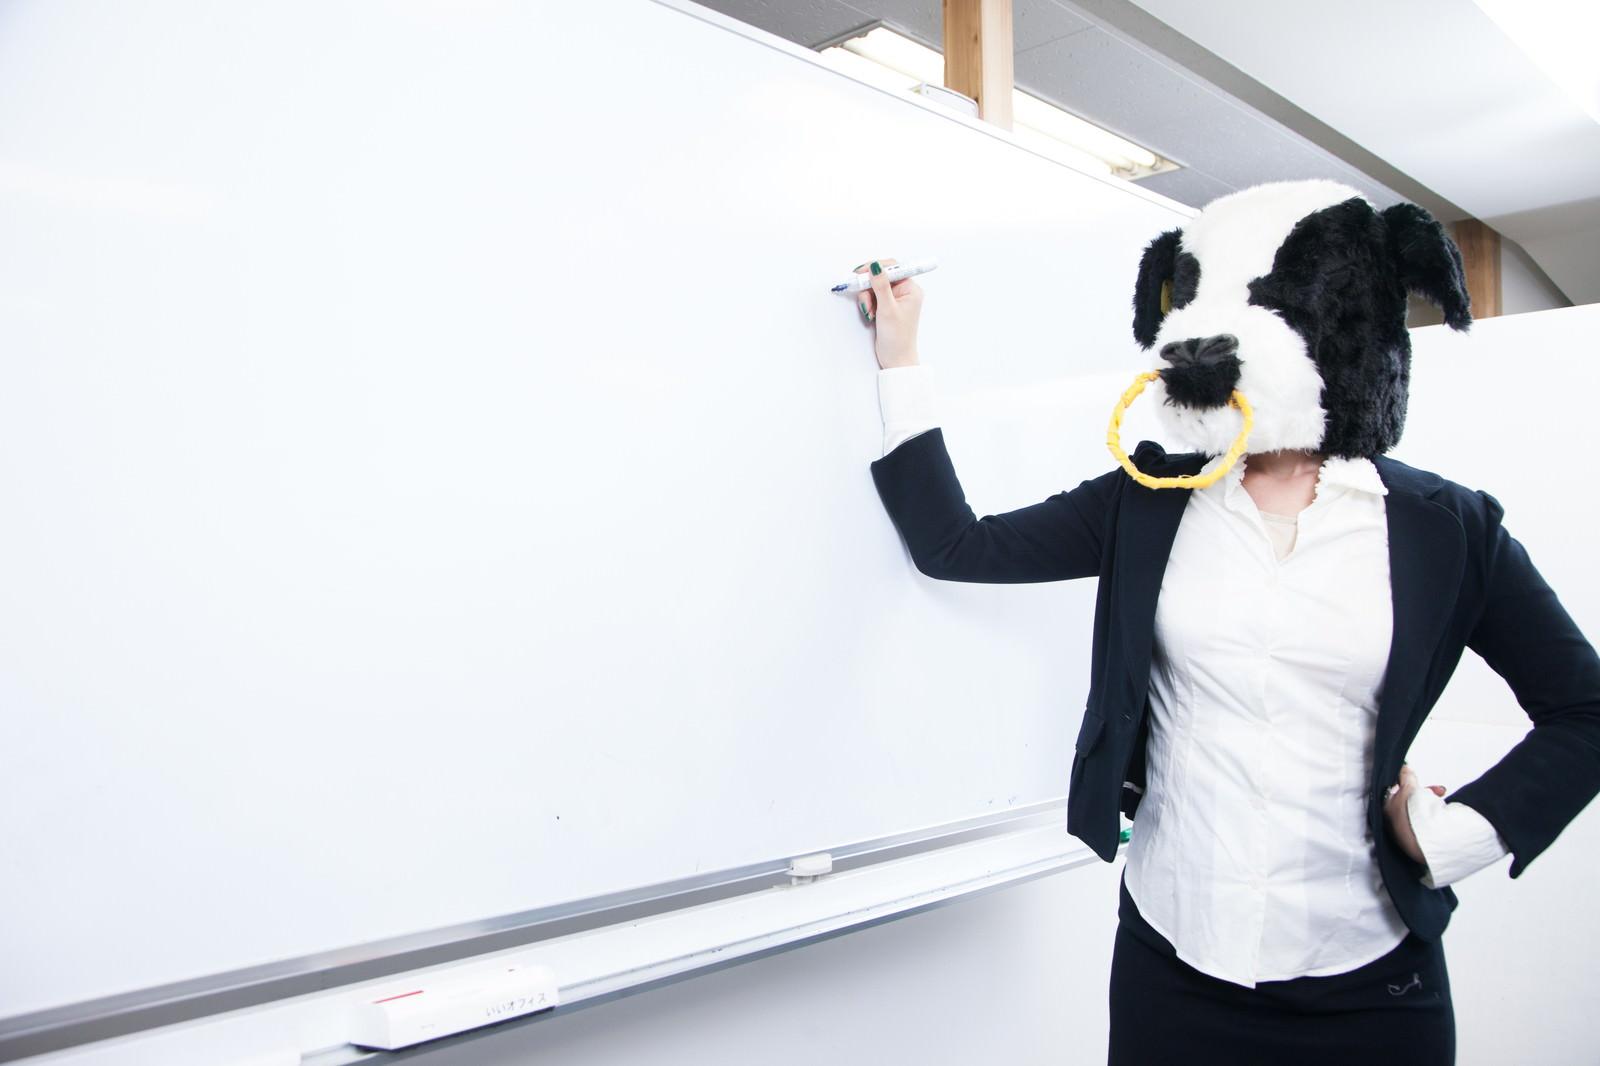 「ホワイトボードに答えを書くエト牛先生 | 写真の無料素材・フリー素材 - ぱくたそ」の写真[モデル:古性のっち]